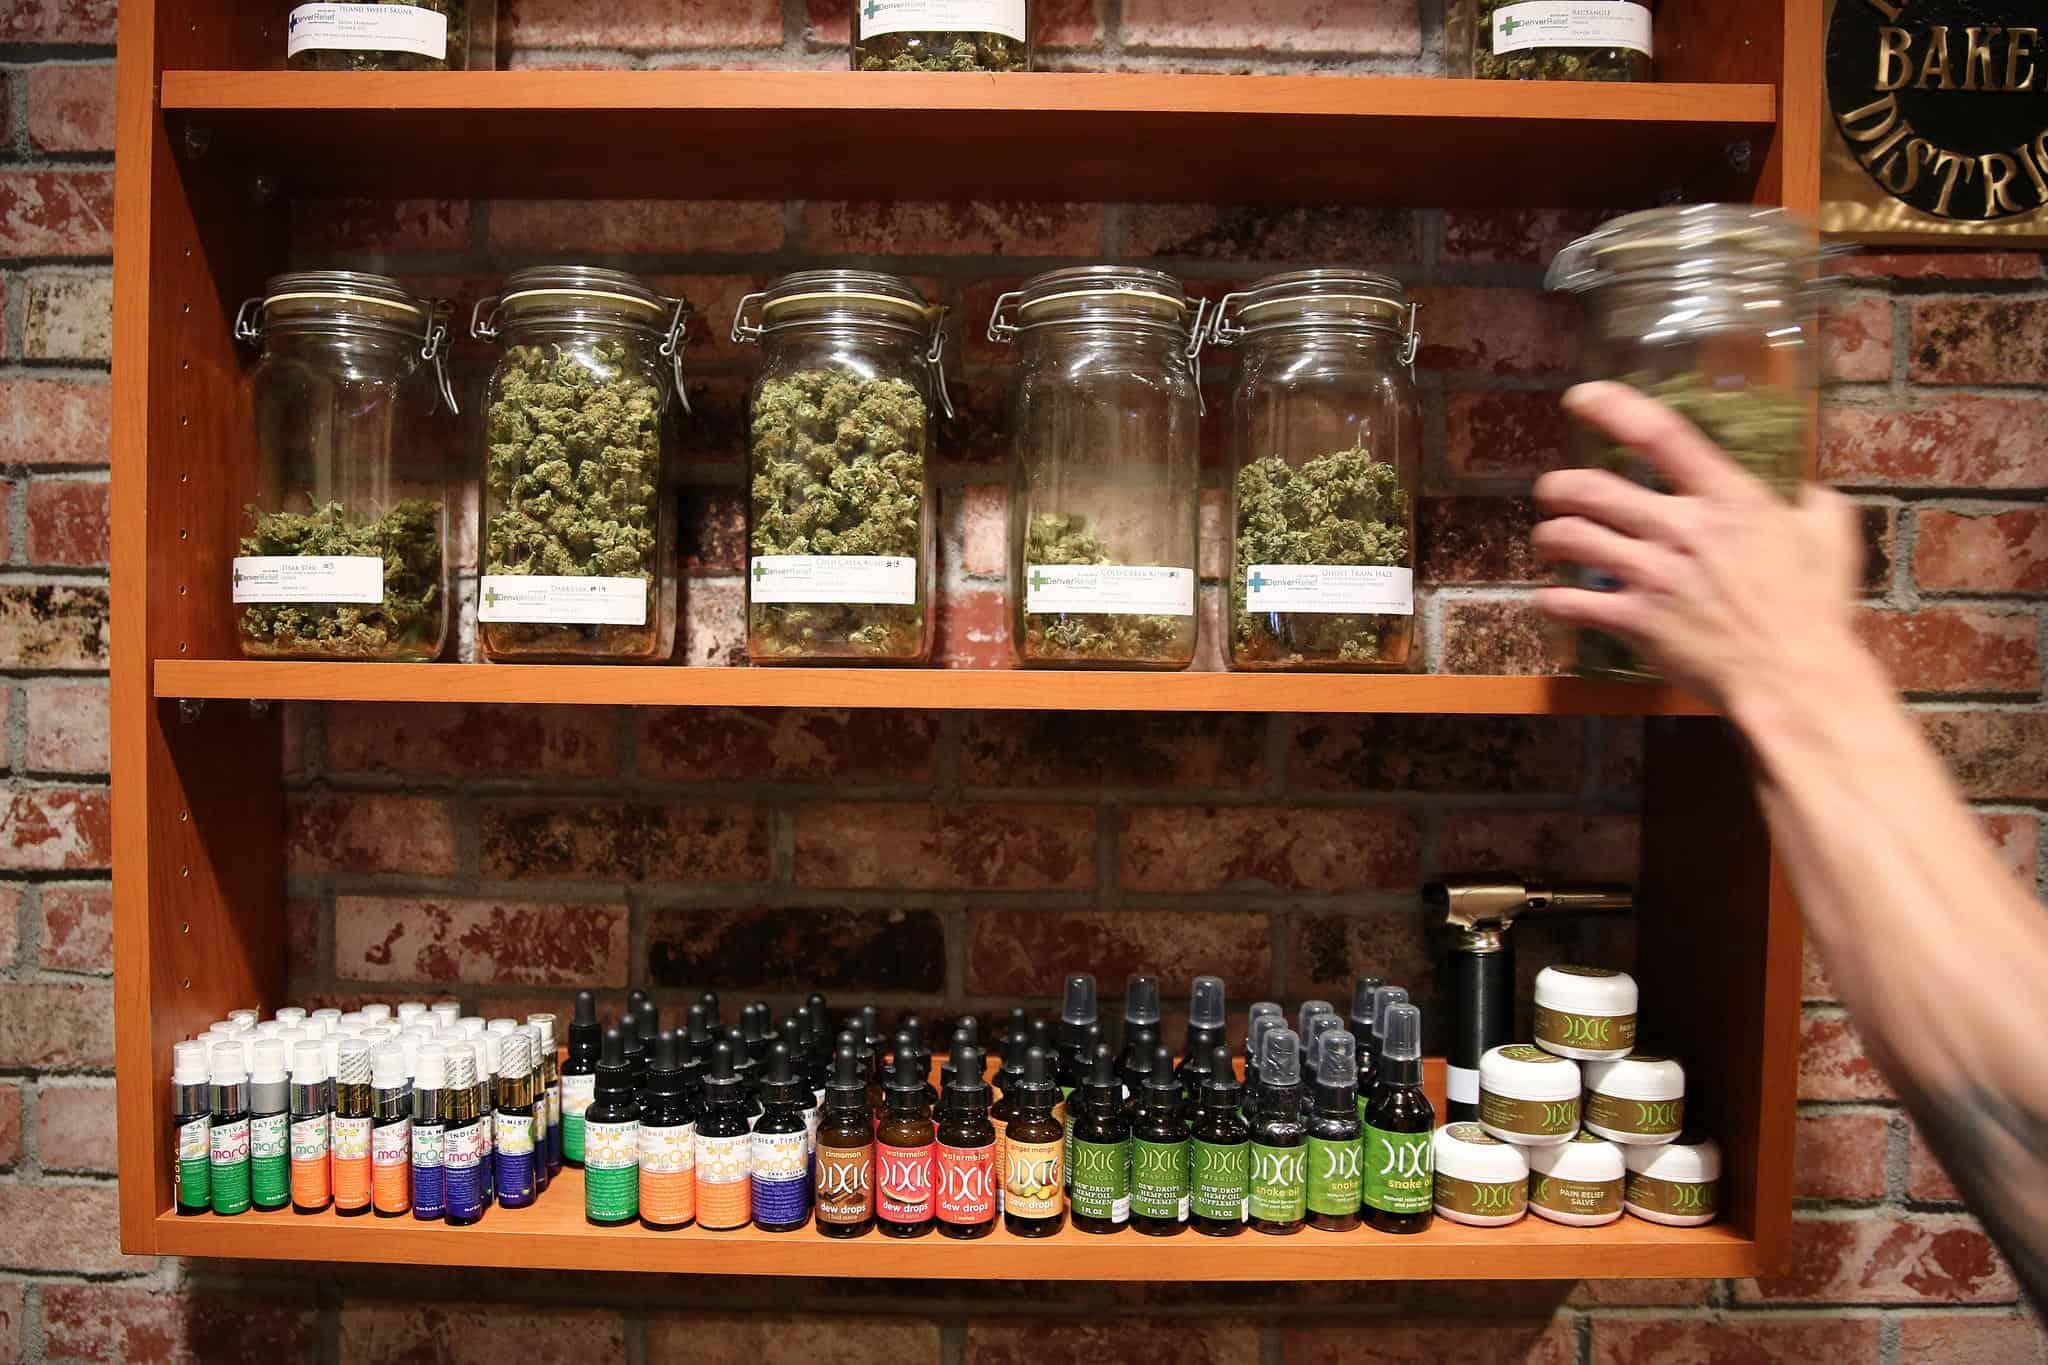 大麻を買う前に!マリファナの量と価格ってどれくらい?